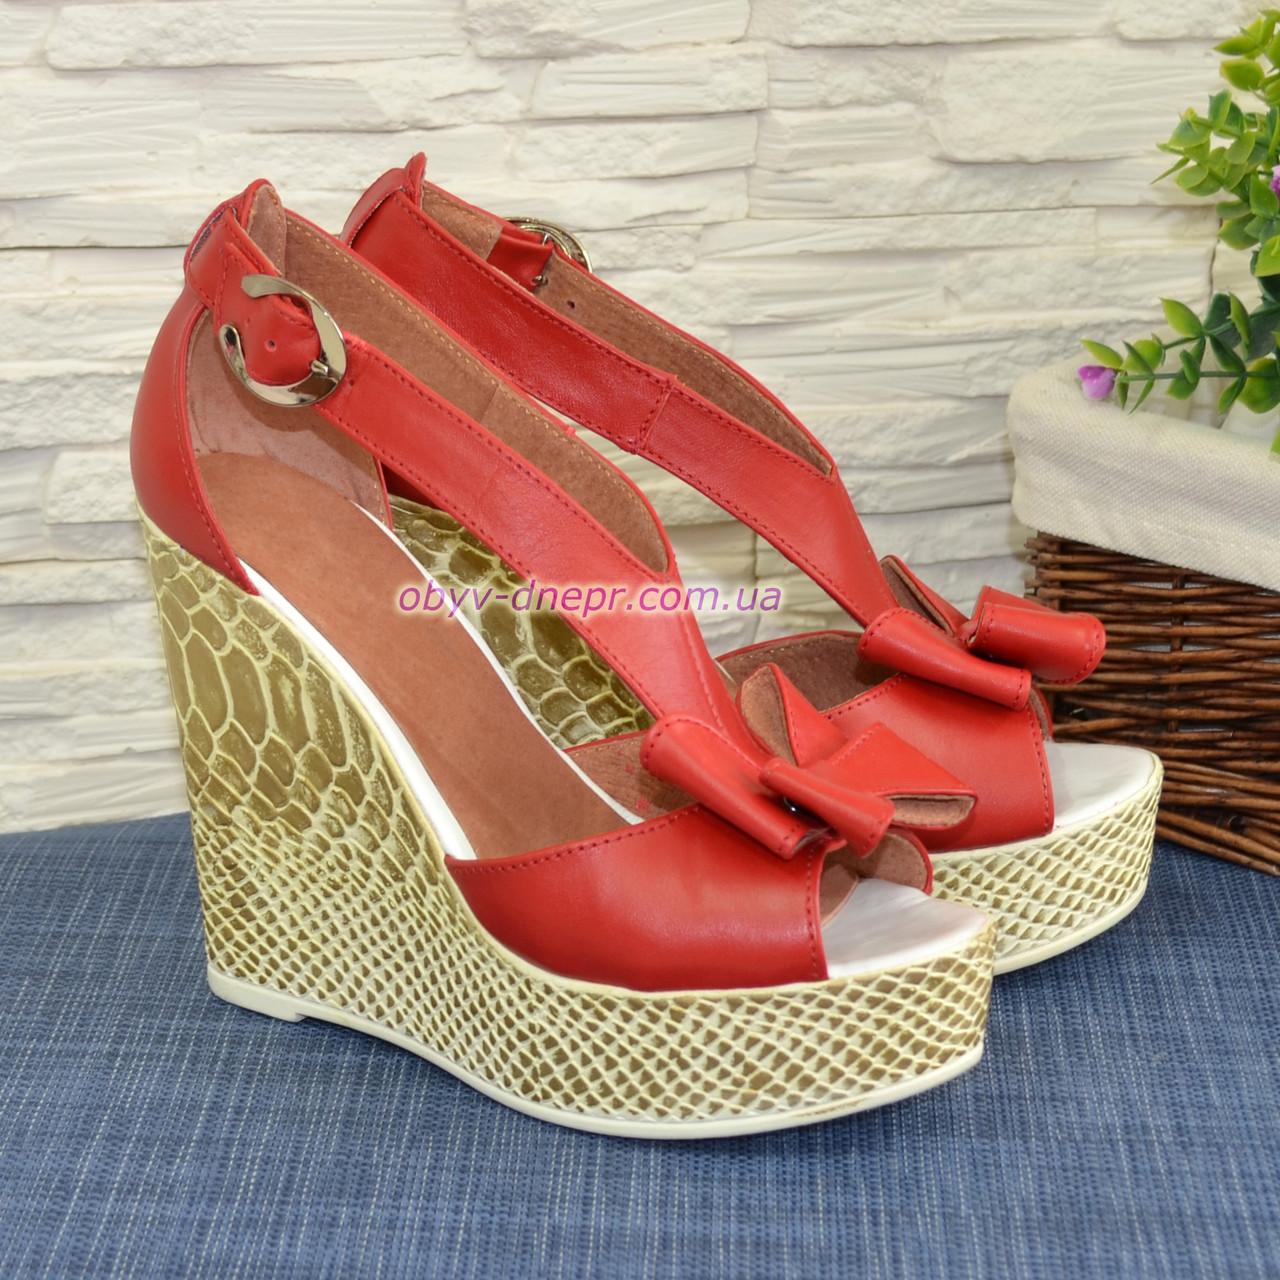 Кожаные красные женские босоножки на высокой платформе от производителя